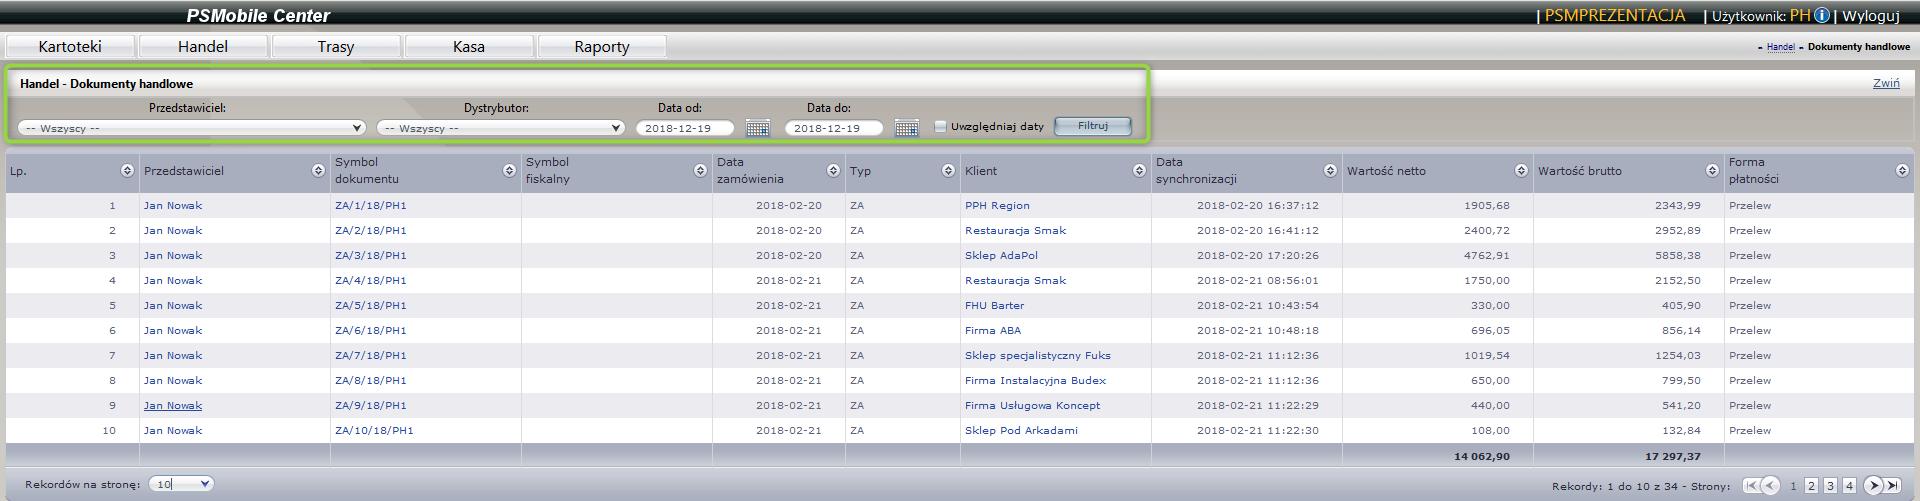 Lista dokumentów handlowych klienta w aplikacjie dla przedstawicieli handlowych